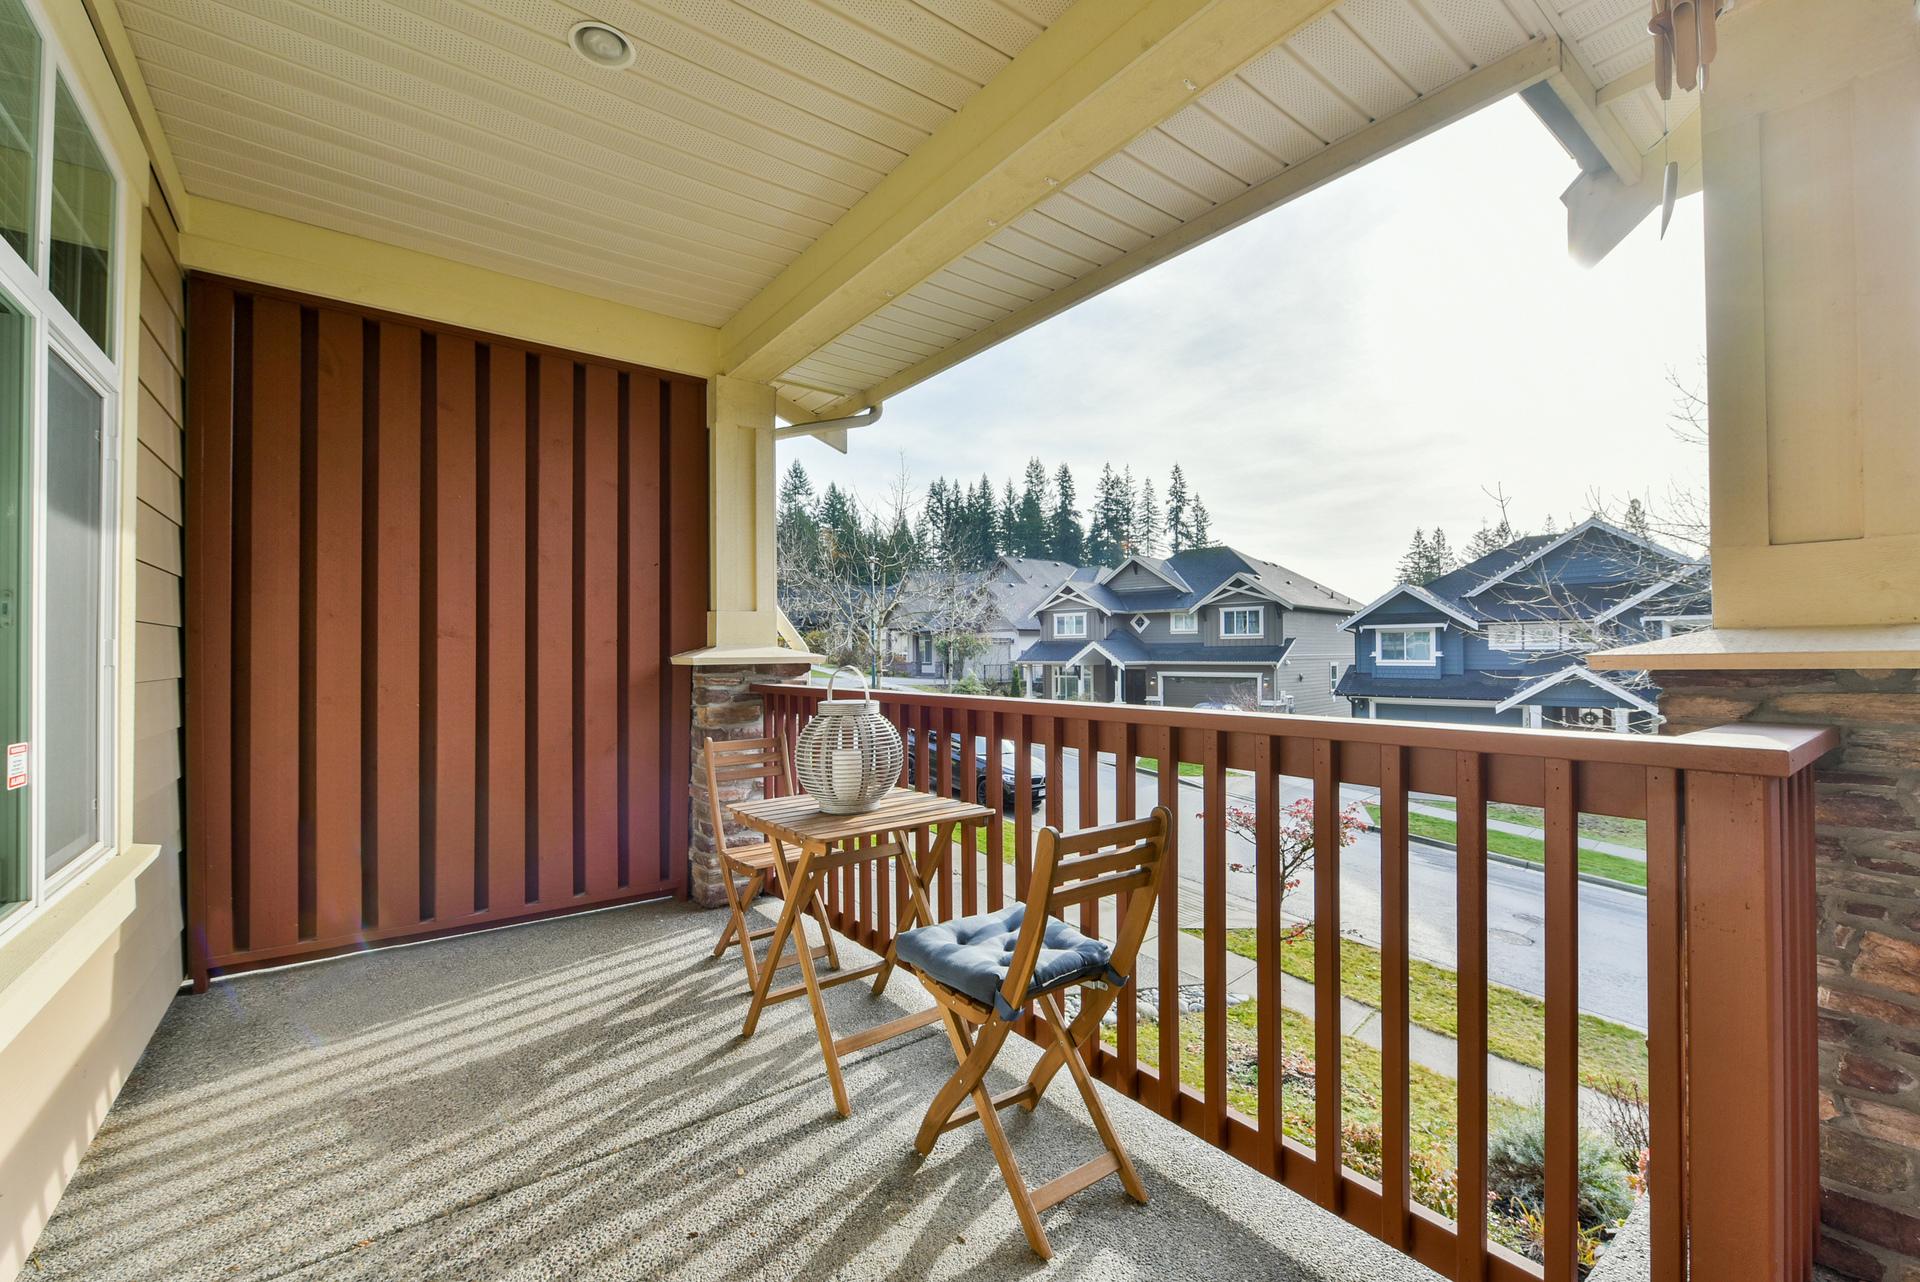 3355-scotch-pine-avenue-coquitlam-6 at 3355 Scotch Pine Avenue, Burke Mountain, Coquitlam